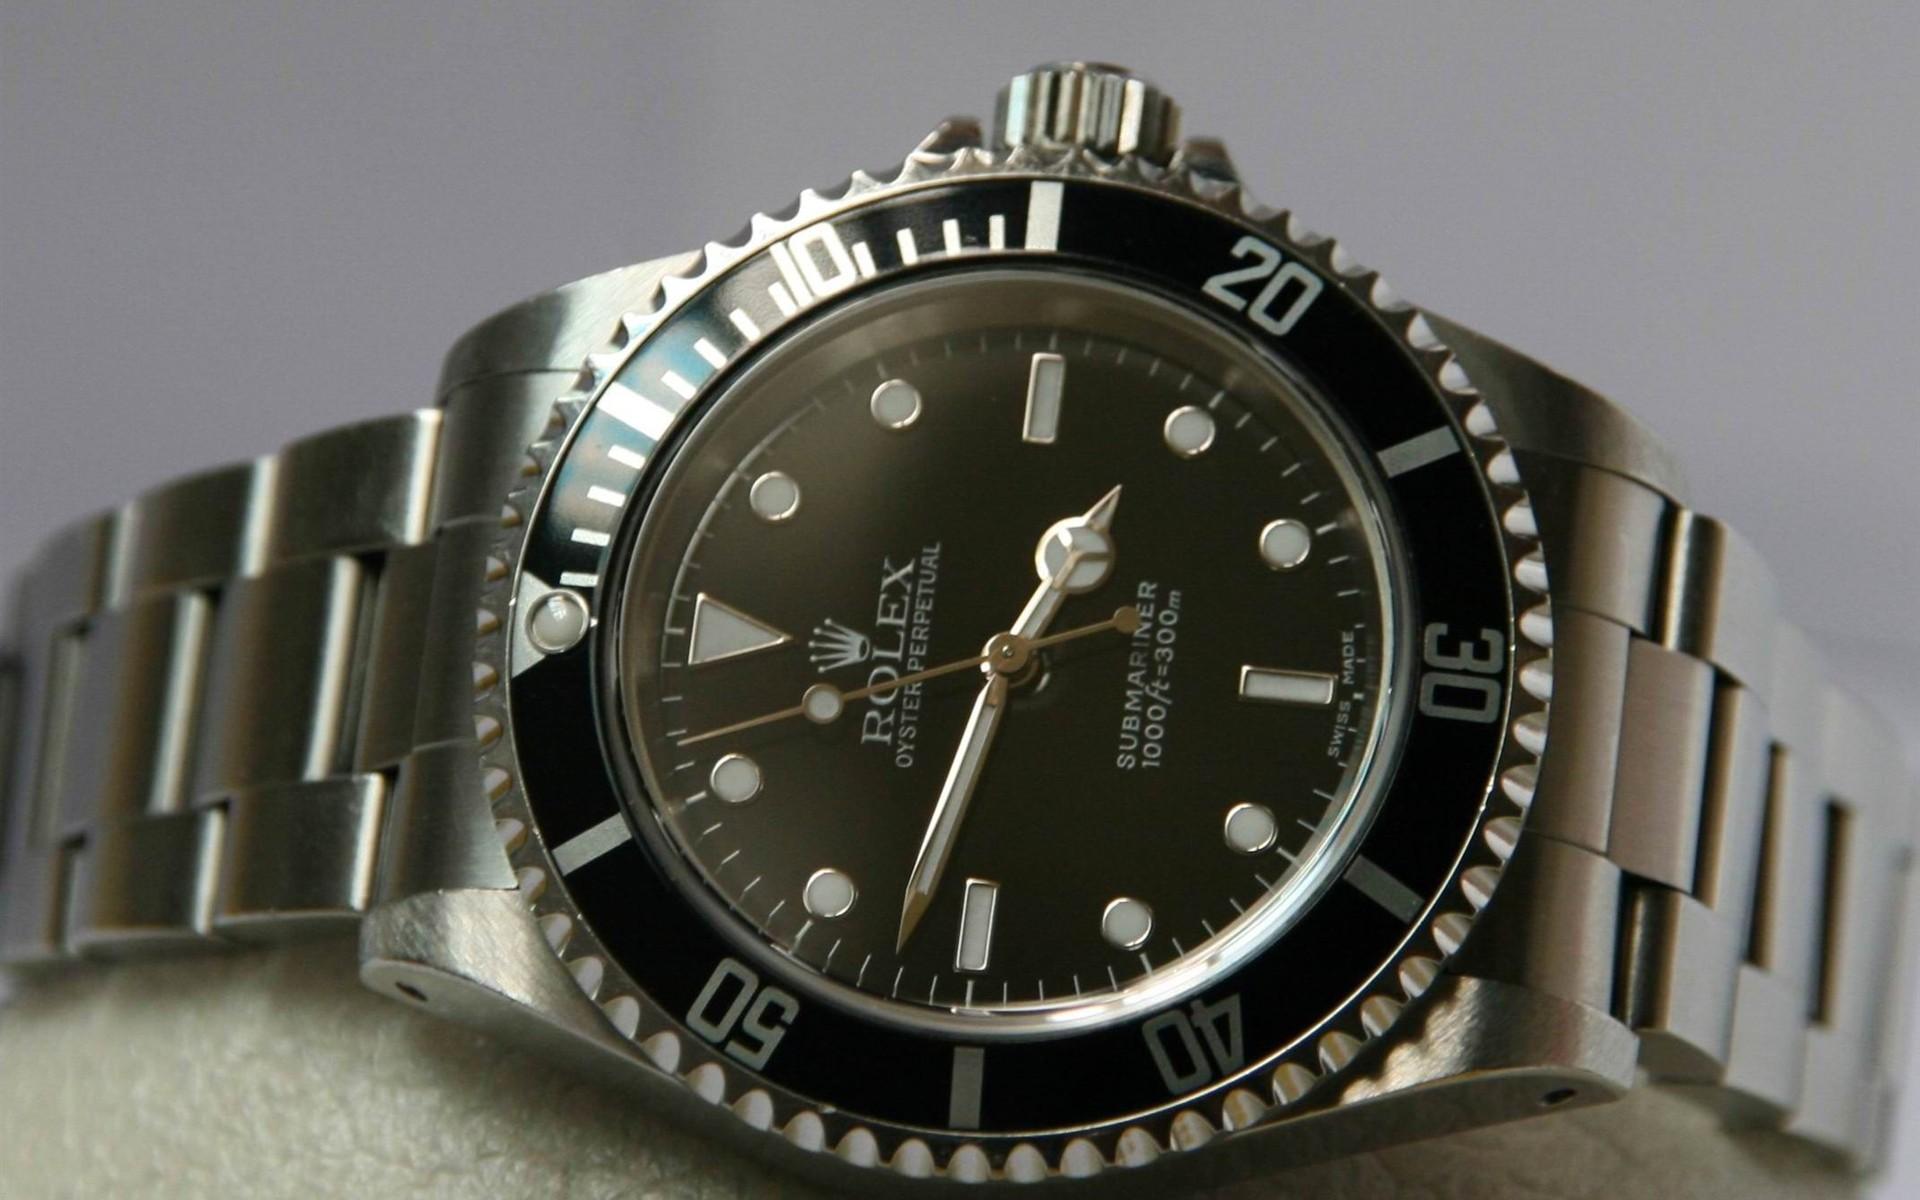 劳力士手表的保修时限是多久?保修涵盖哪些项?